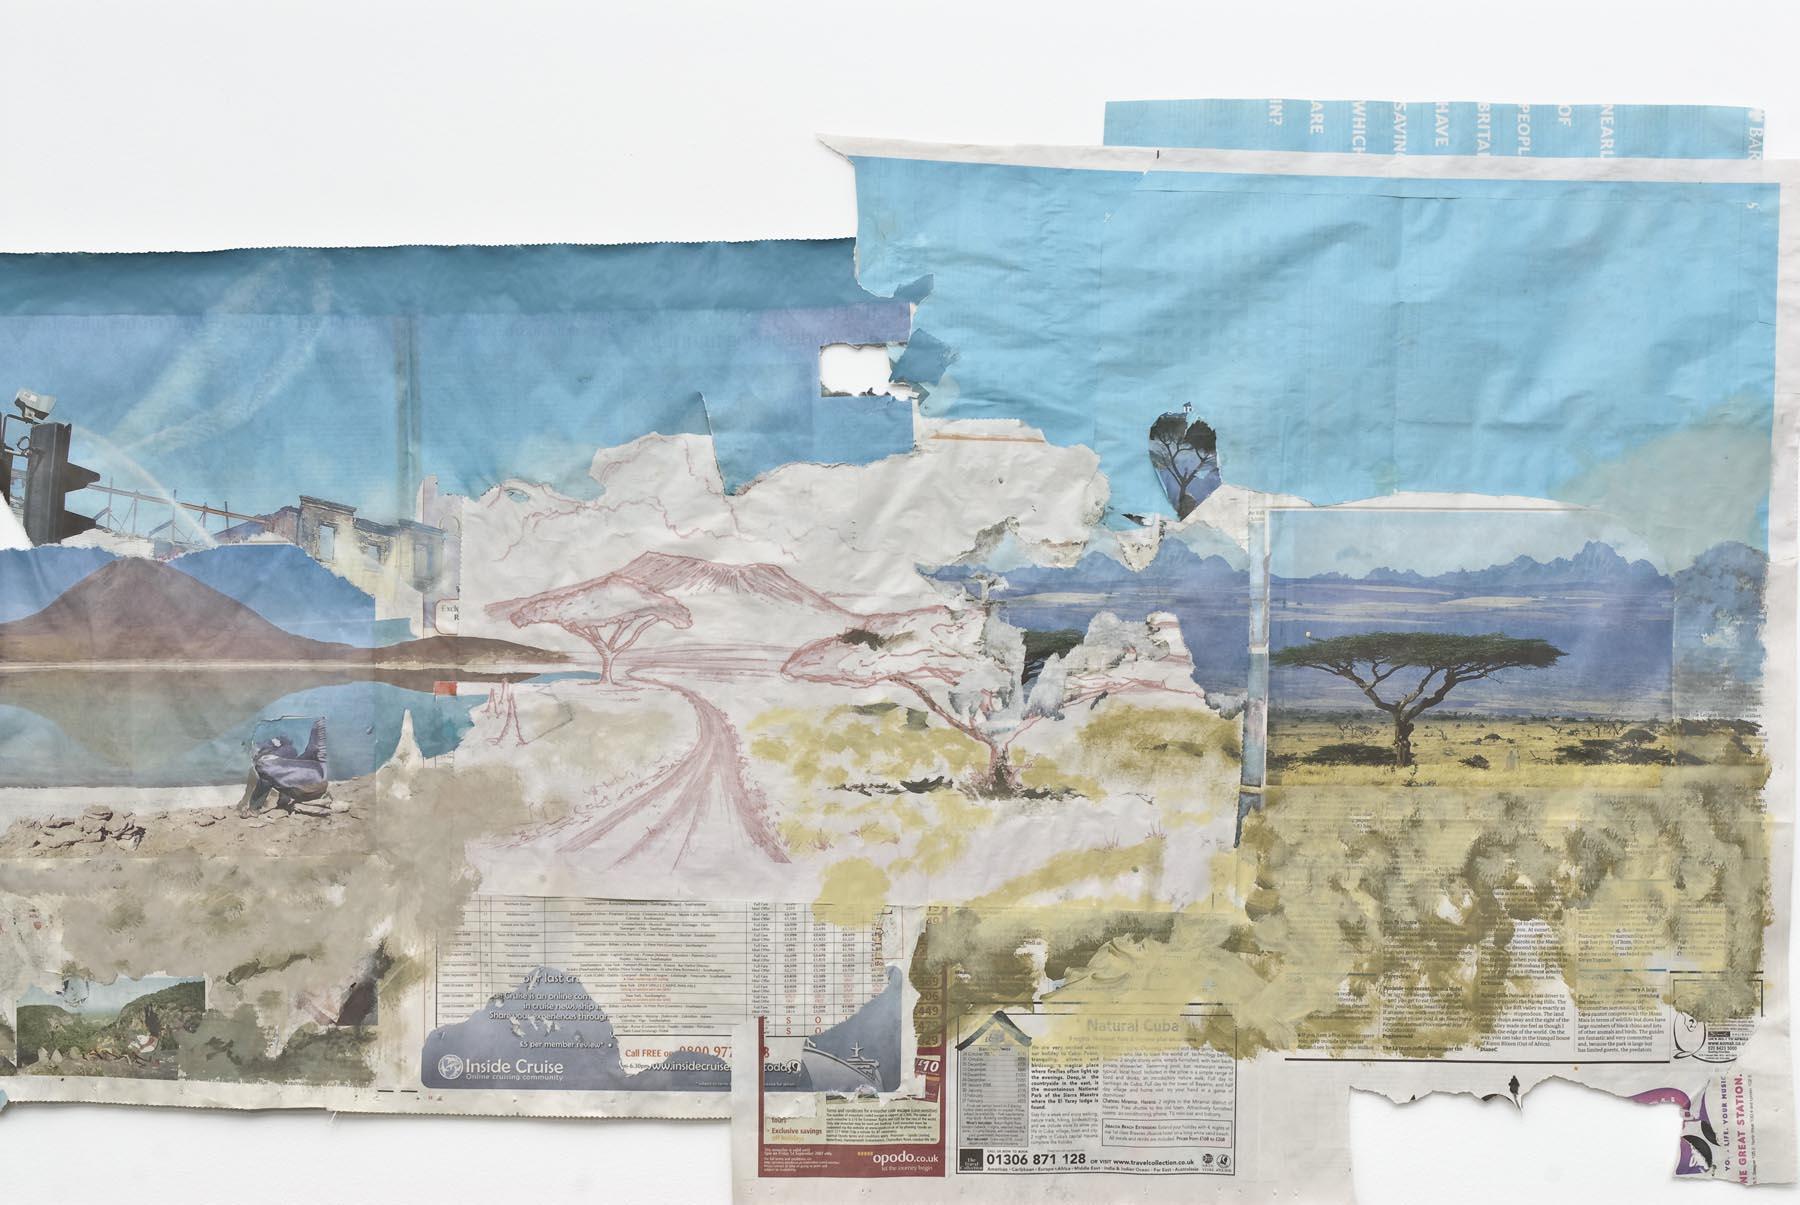 Jesus Help Me Find My Property (detail) 2007 acrylic on newsprint 70 x 300.5 cm